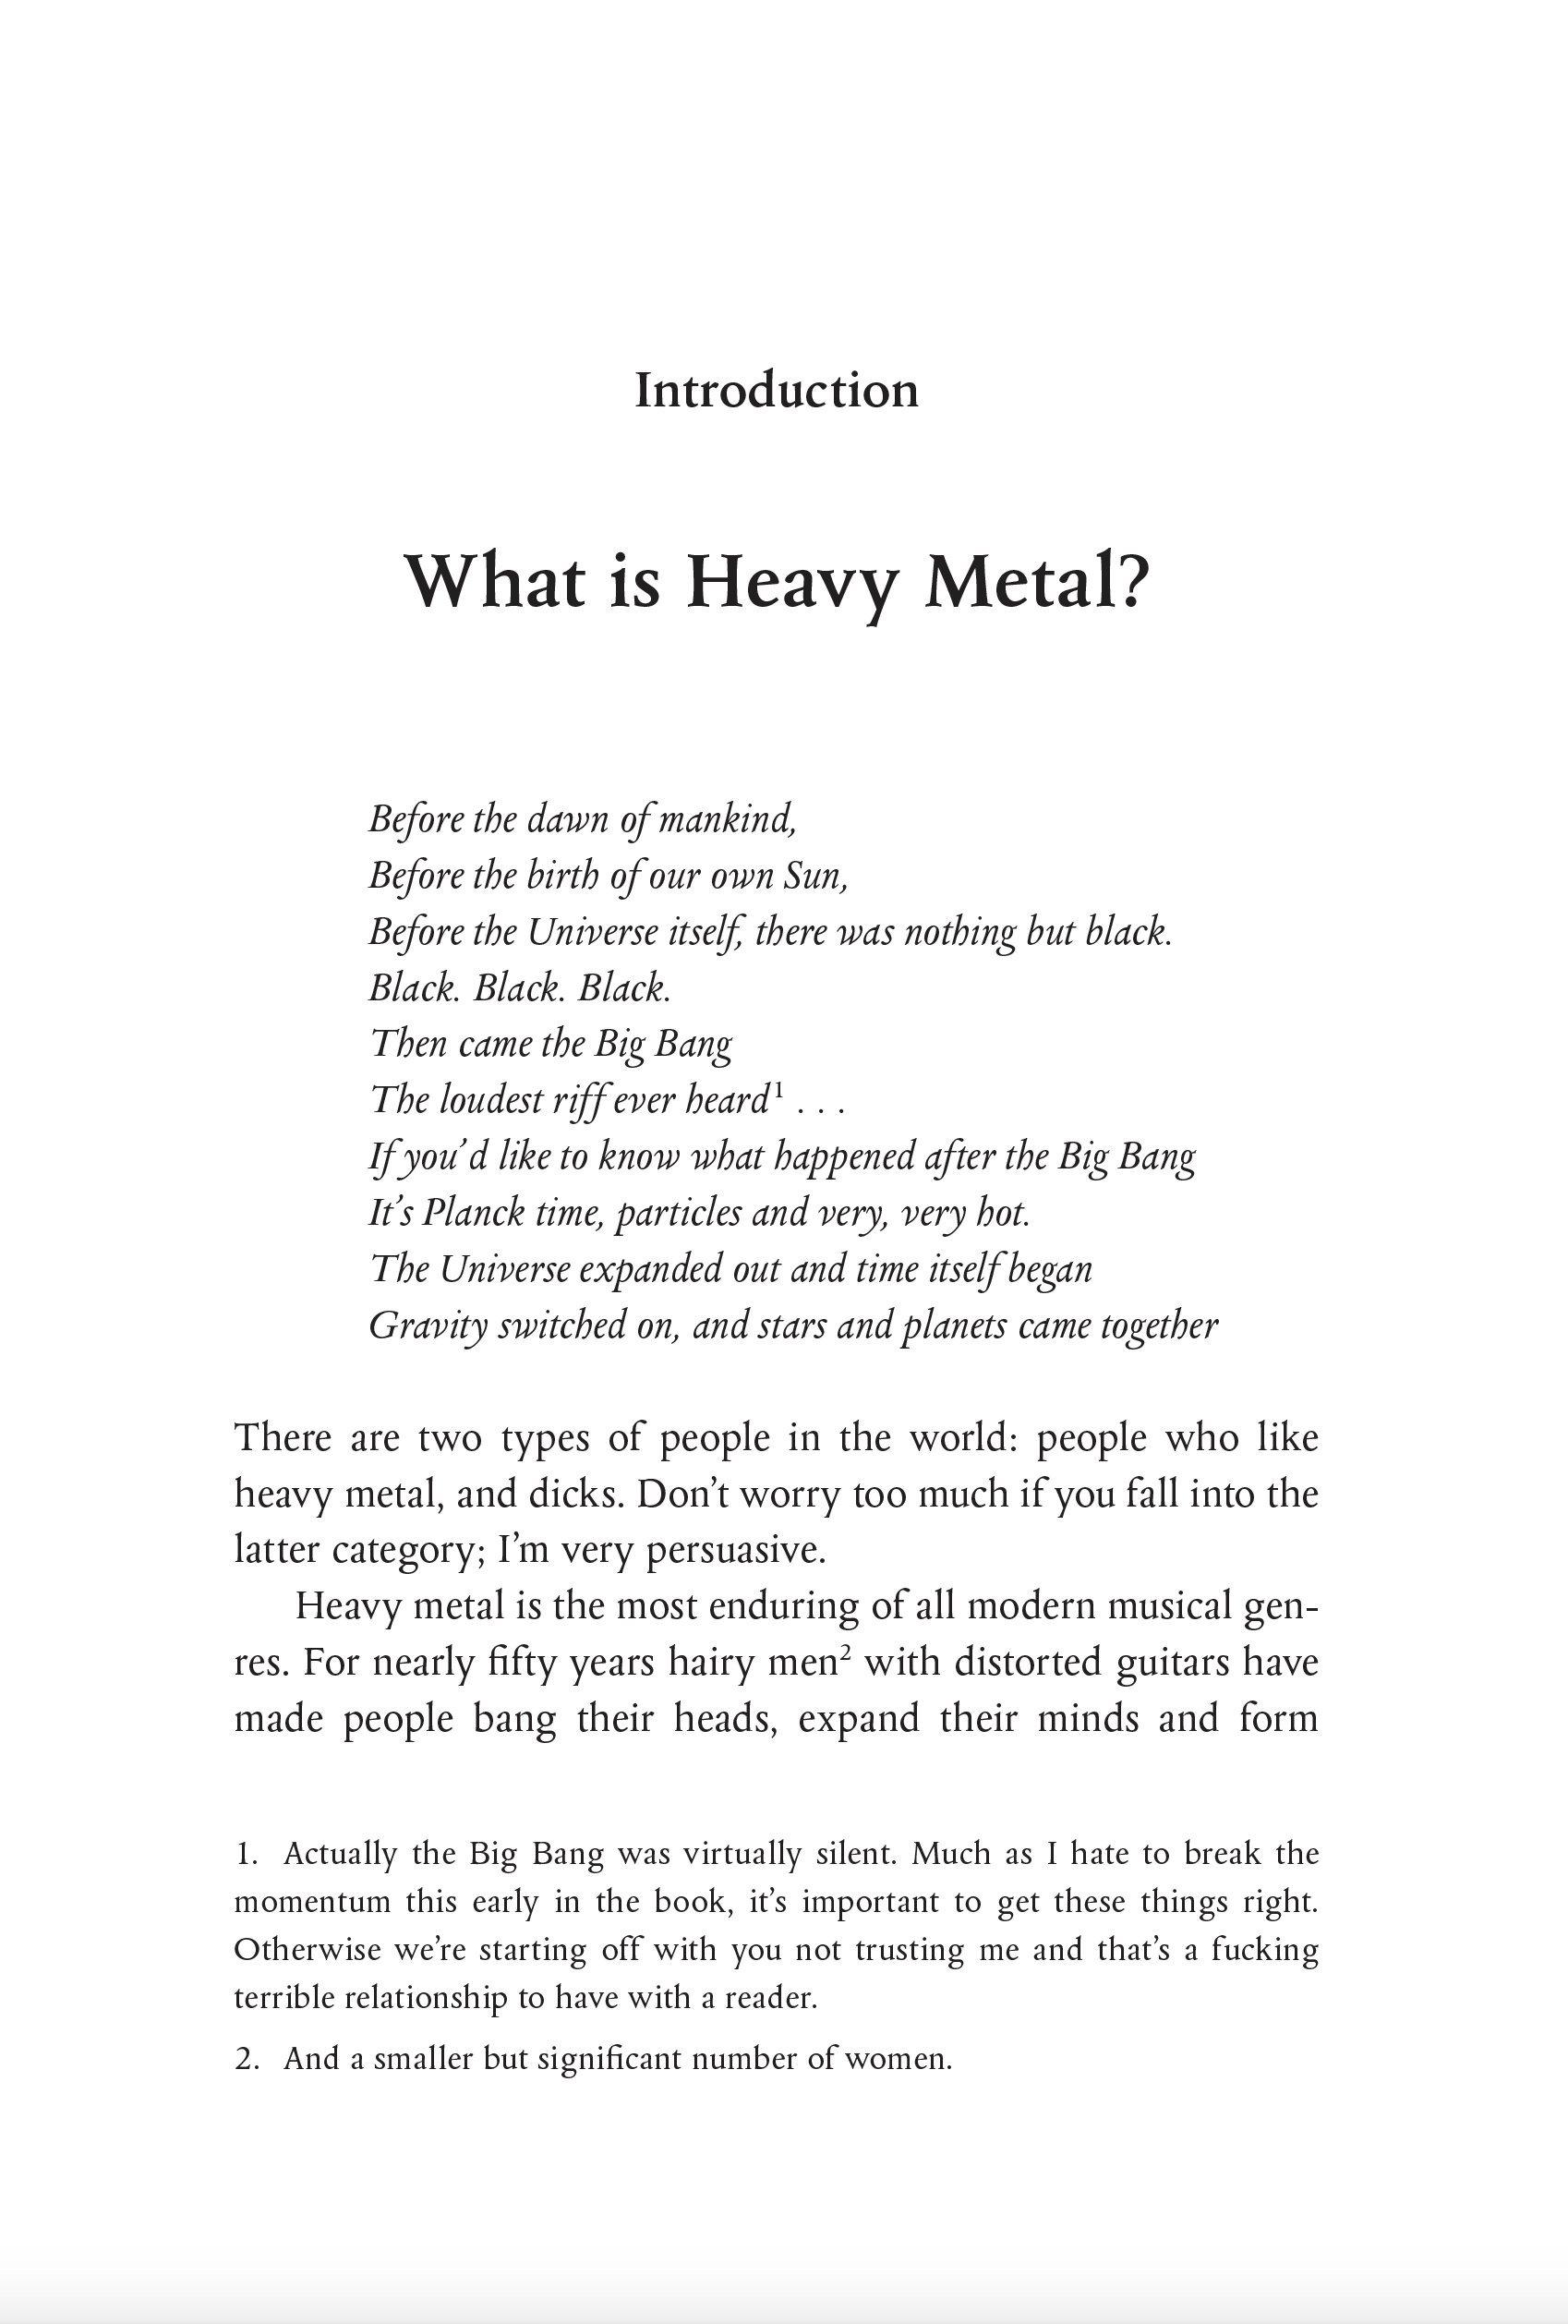 a history of heavy metal andrew o neill 9781472241443 amazon com